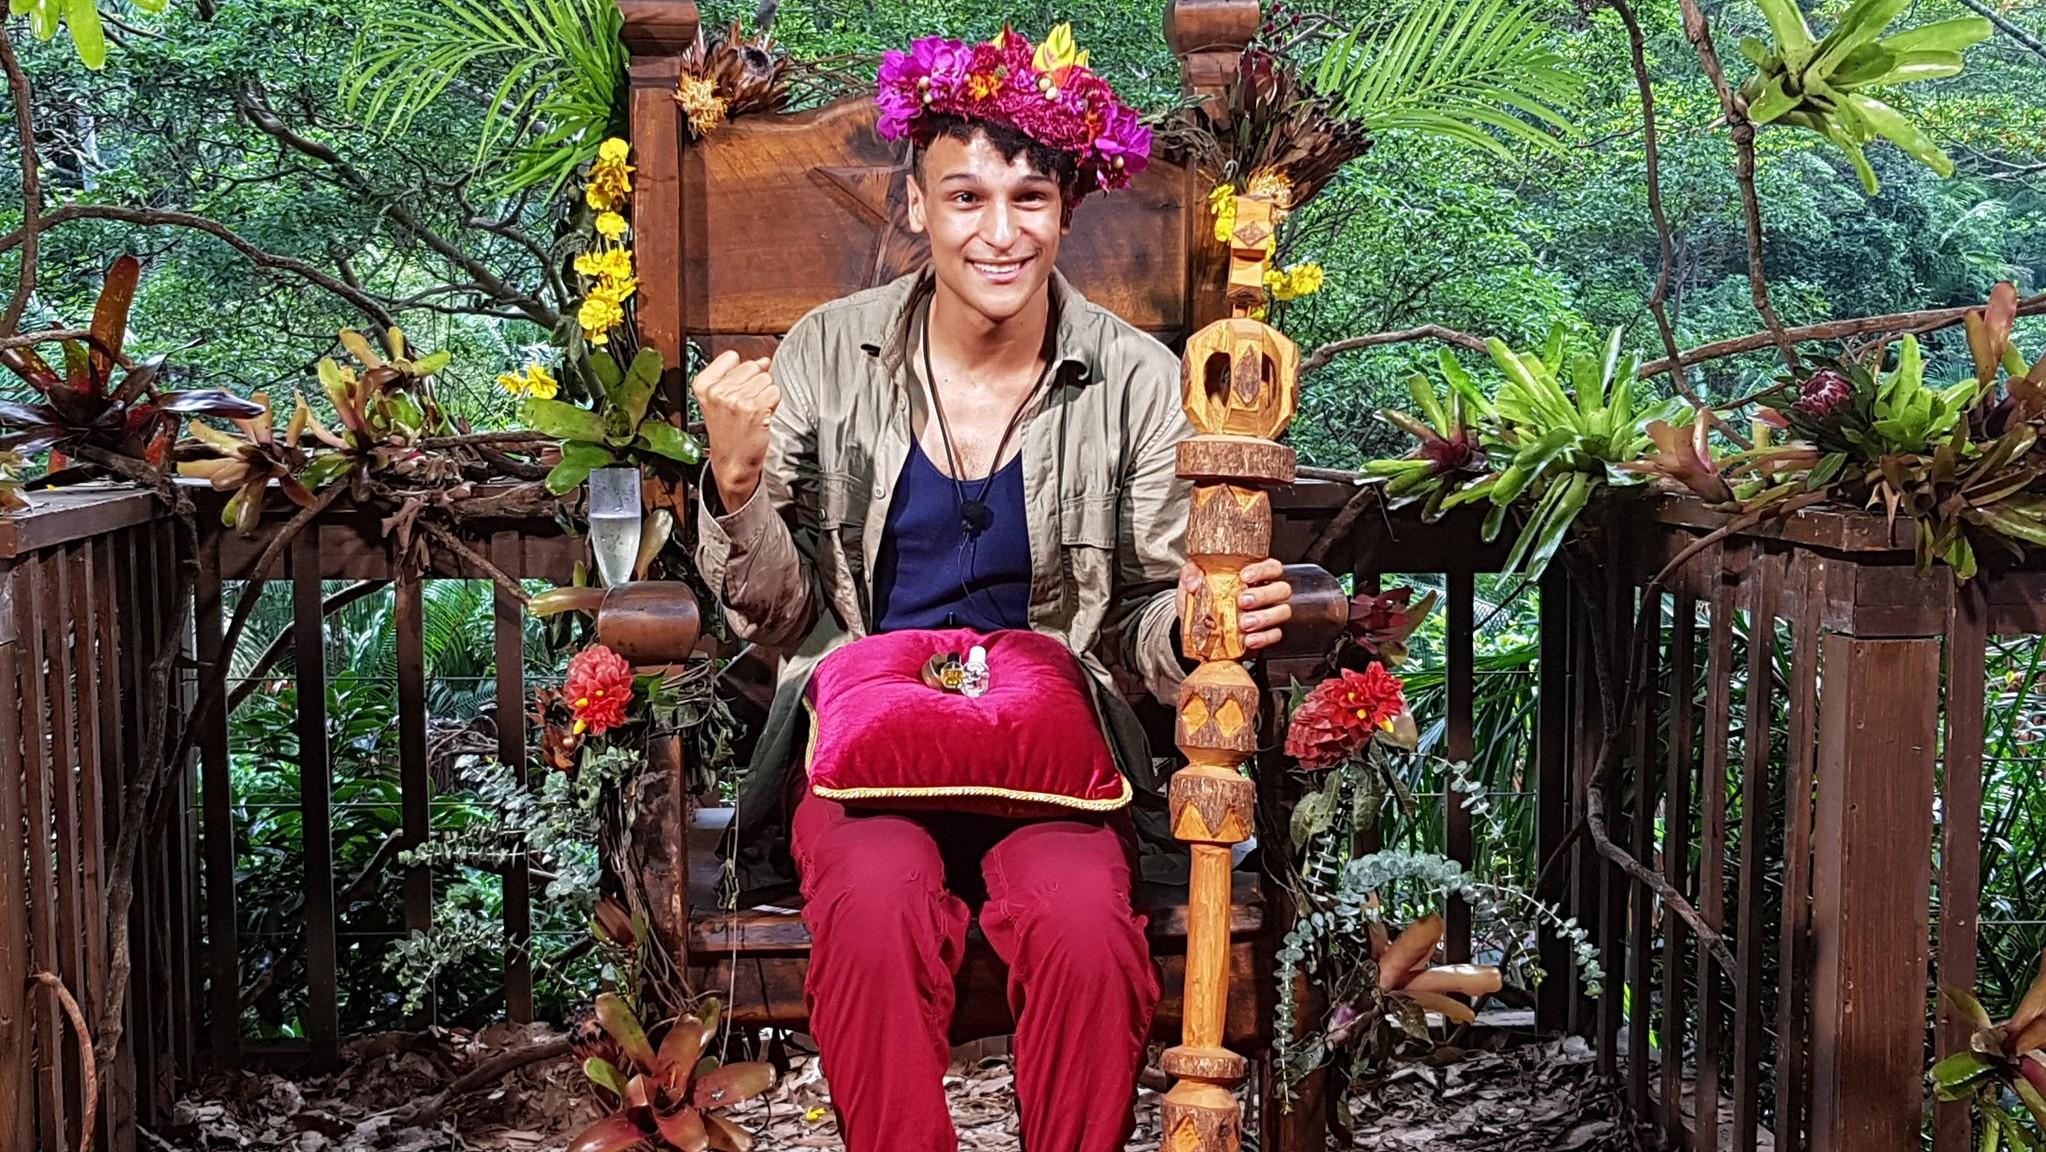 RTL-Dauergewinner: Das ist Dschungelkönig Prince Damien